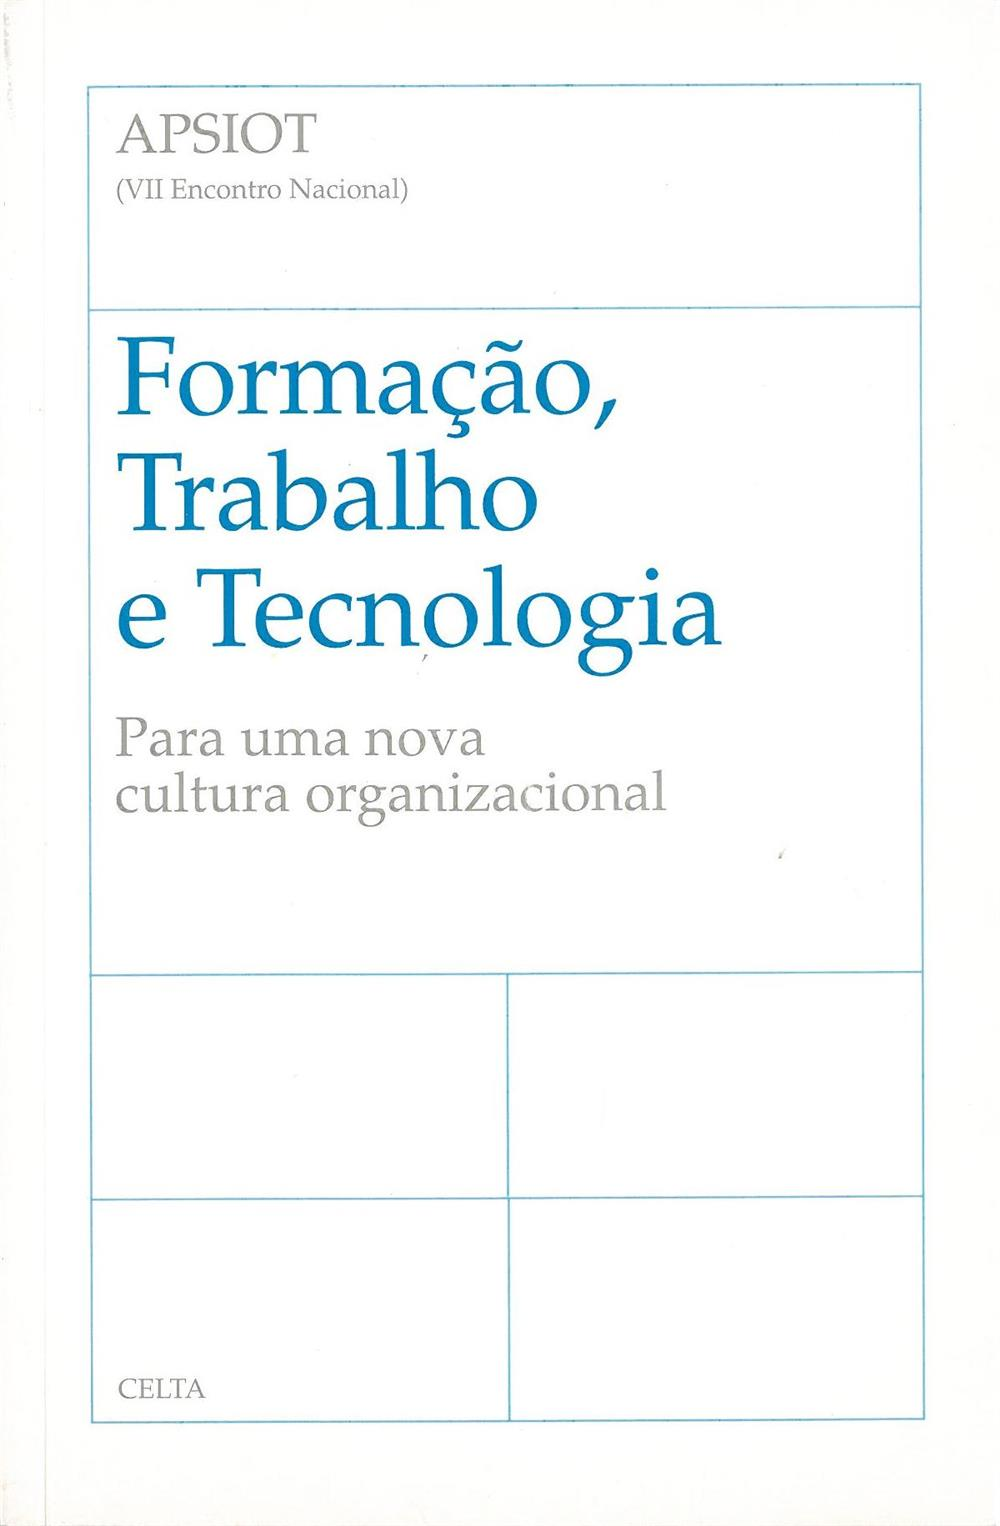 Formação, trabalho e tecnologia_.jpg